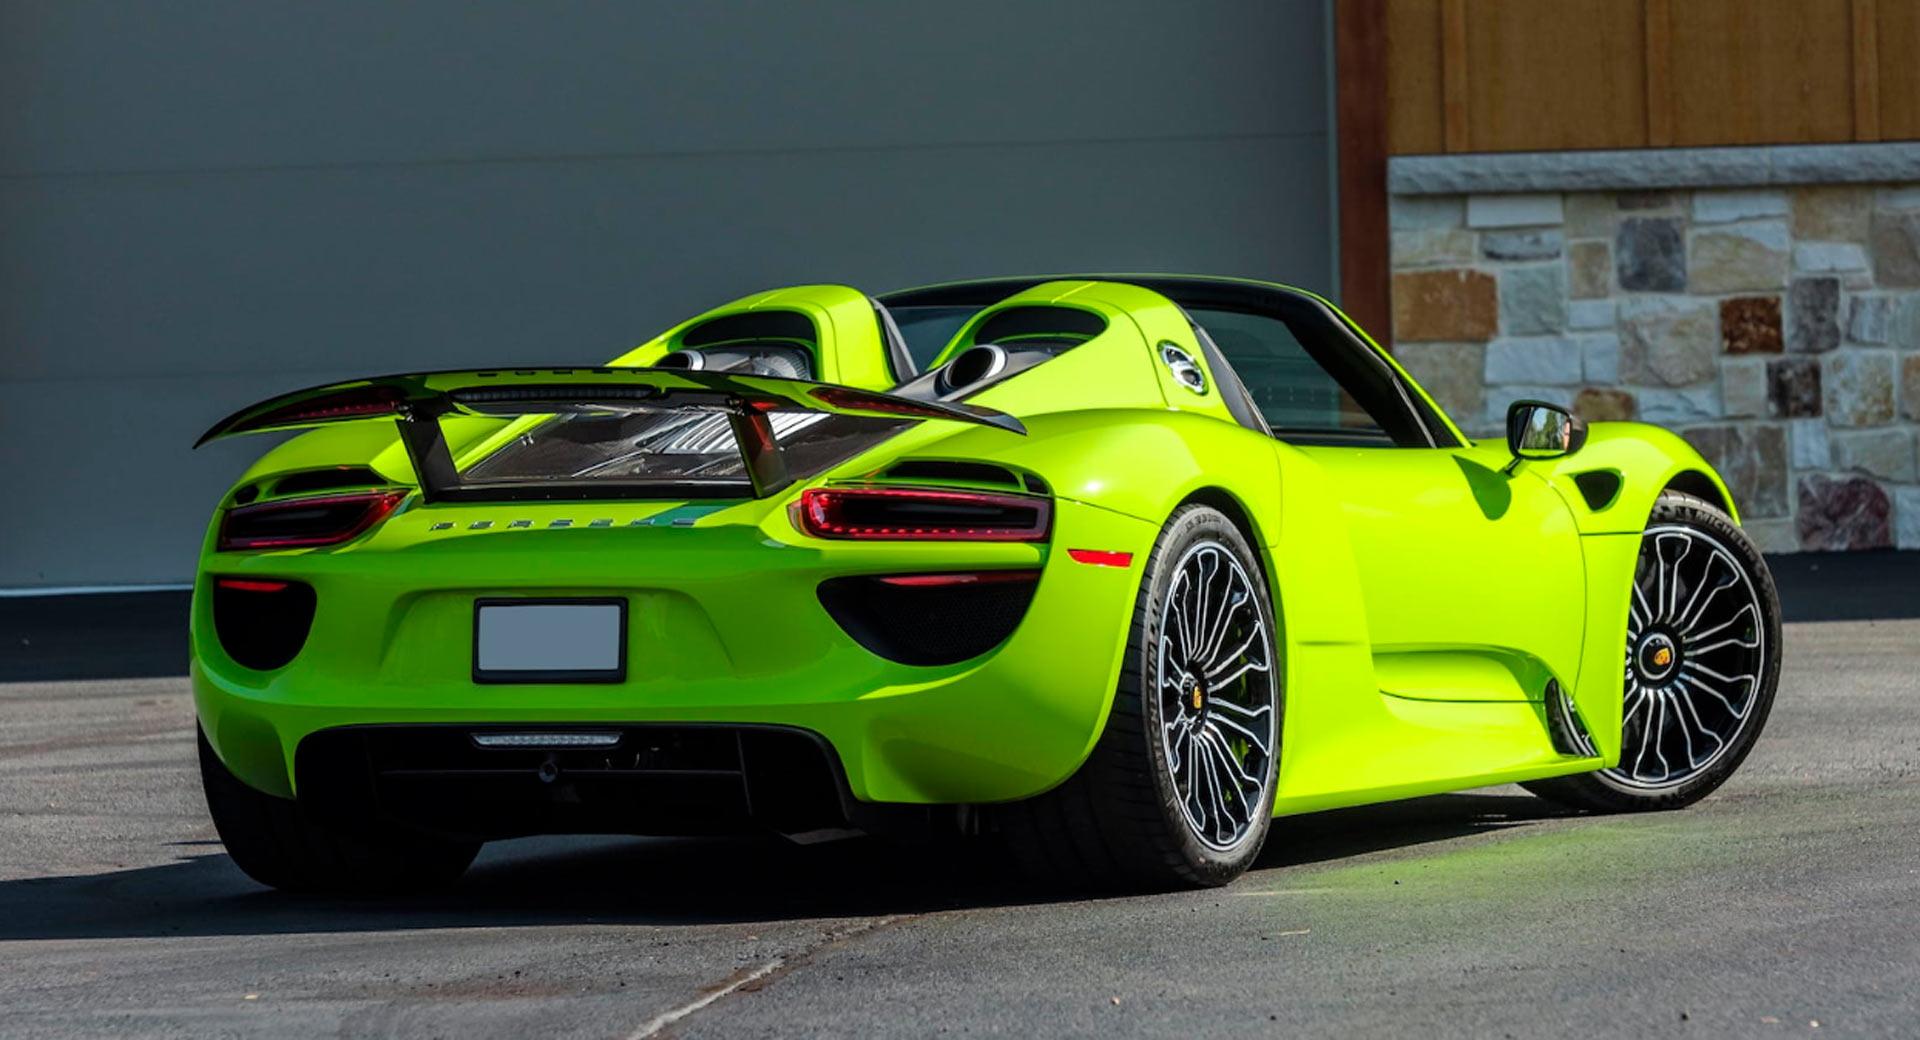 Michael-Fux-cars-auction-Porsche-918-Spyder-2